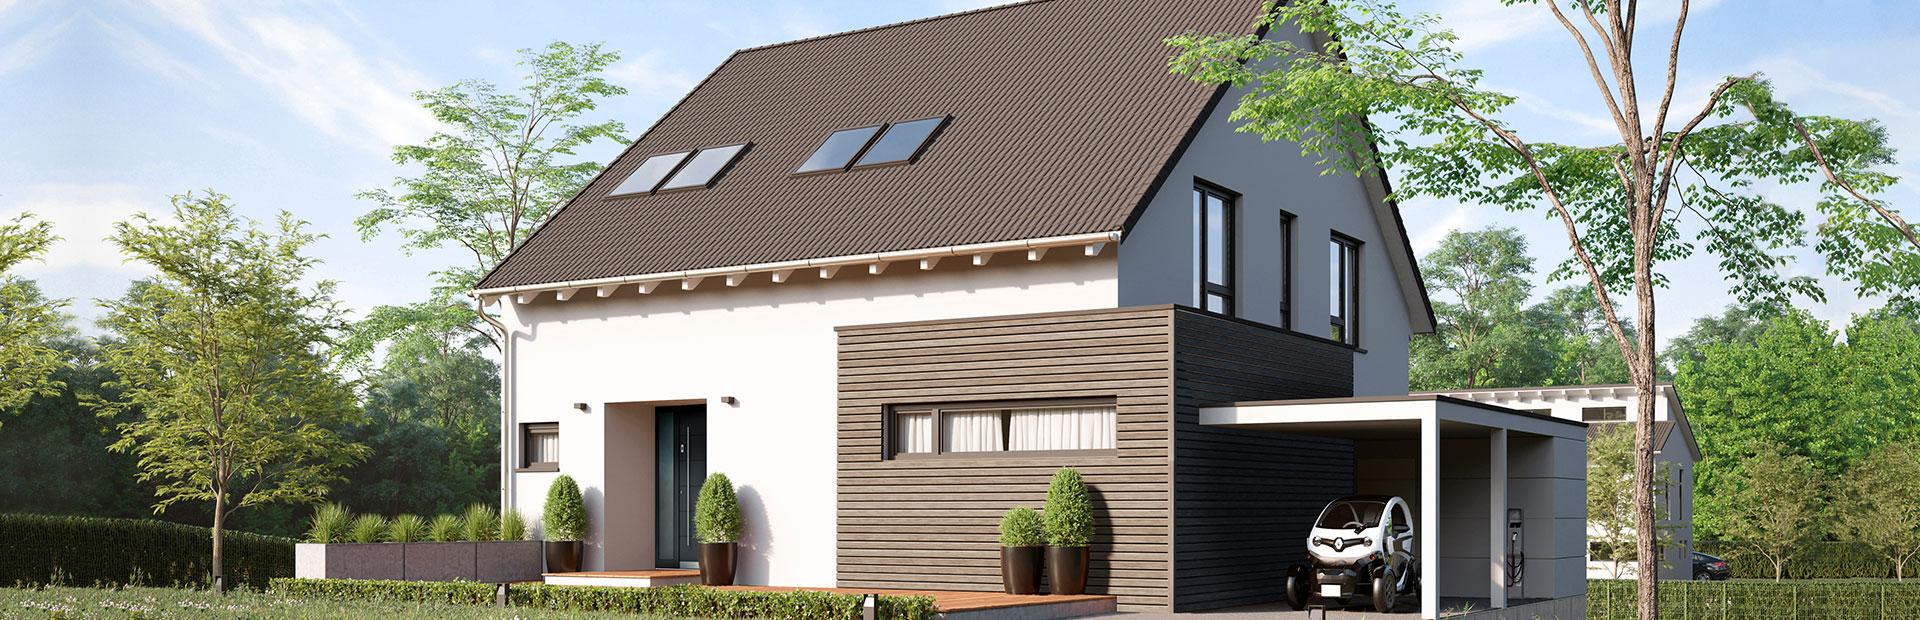 freistehendes Einfamilienhaus bauen